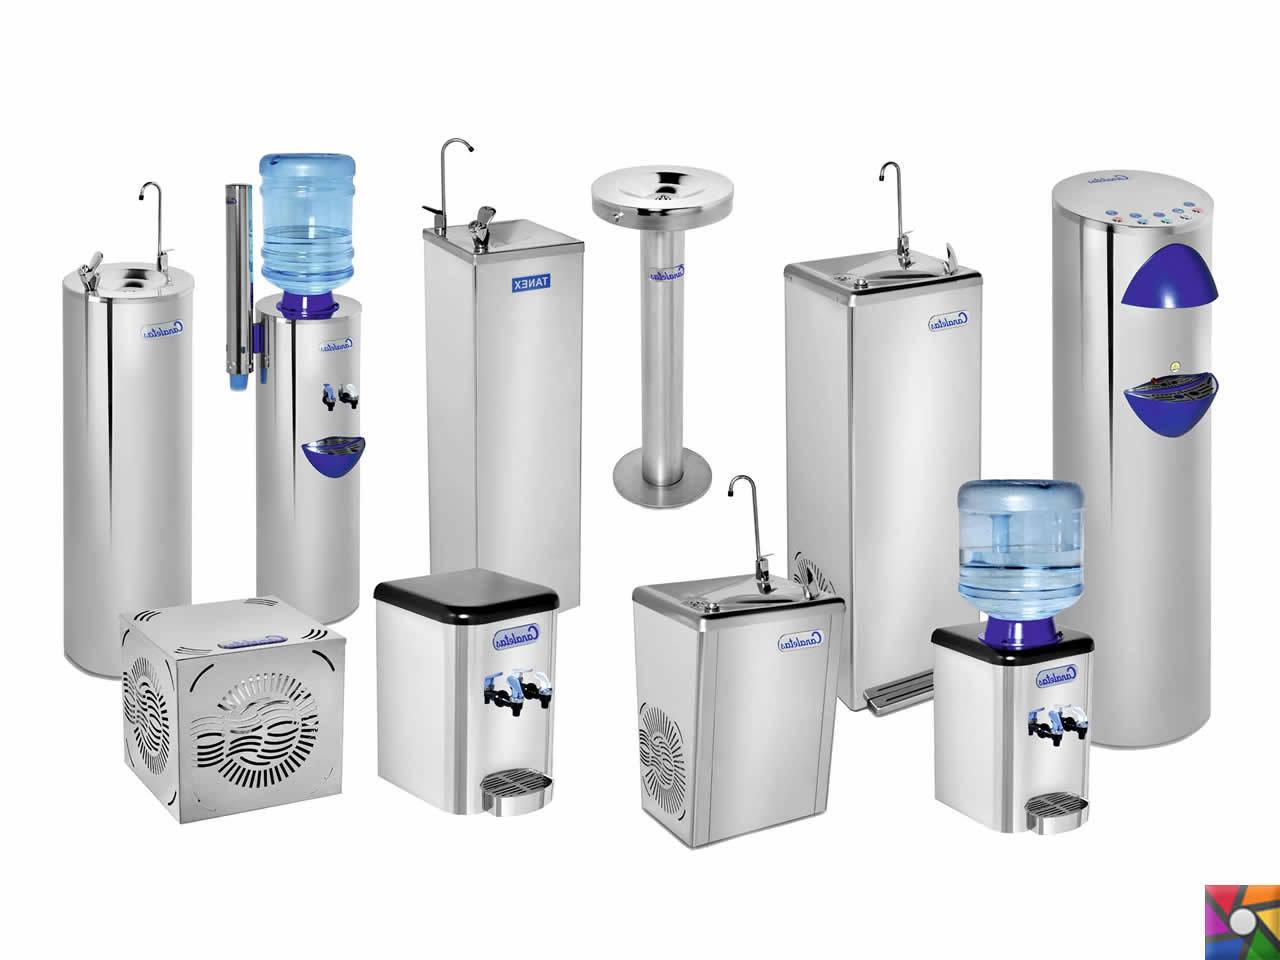 Su Sebili Temizliği Nasıl Yapılır